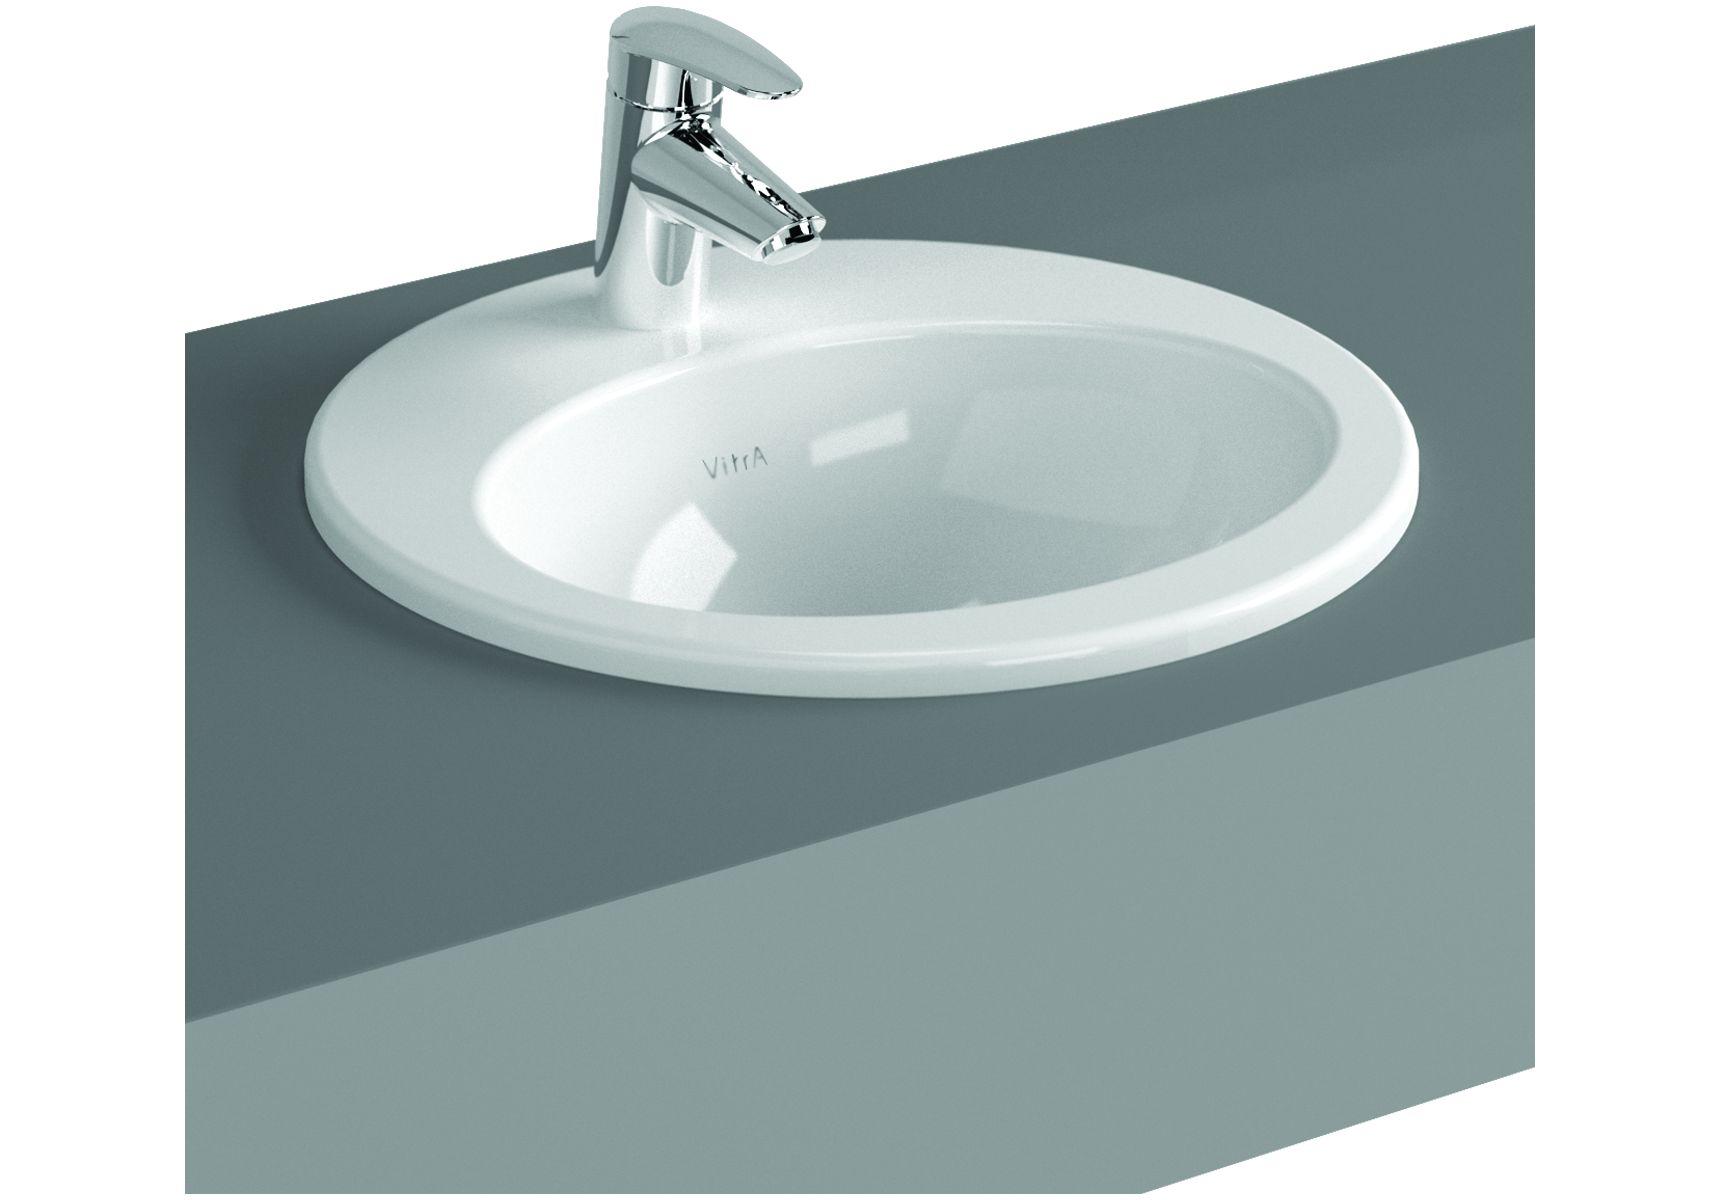 S20 vasque encastré, 48 cm, 1 trou de robinet central, avec trop-plein